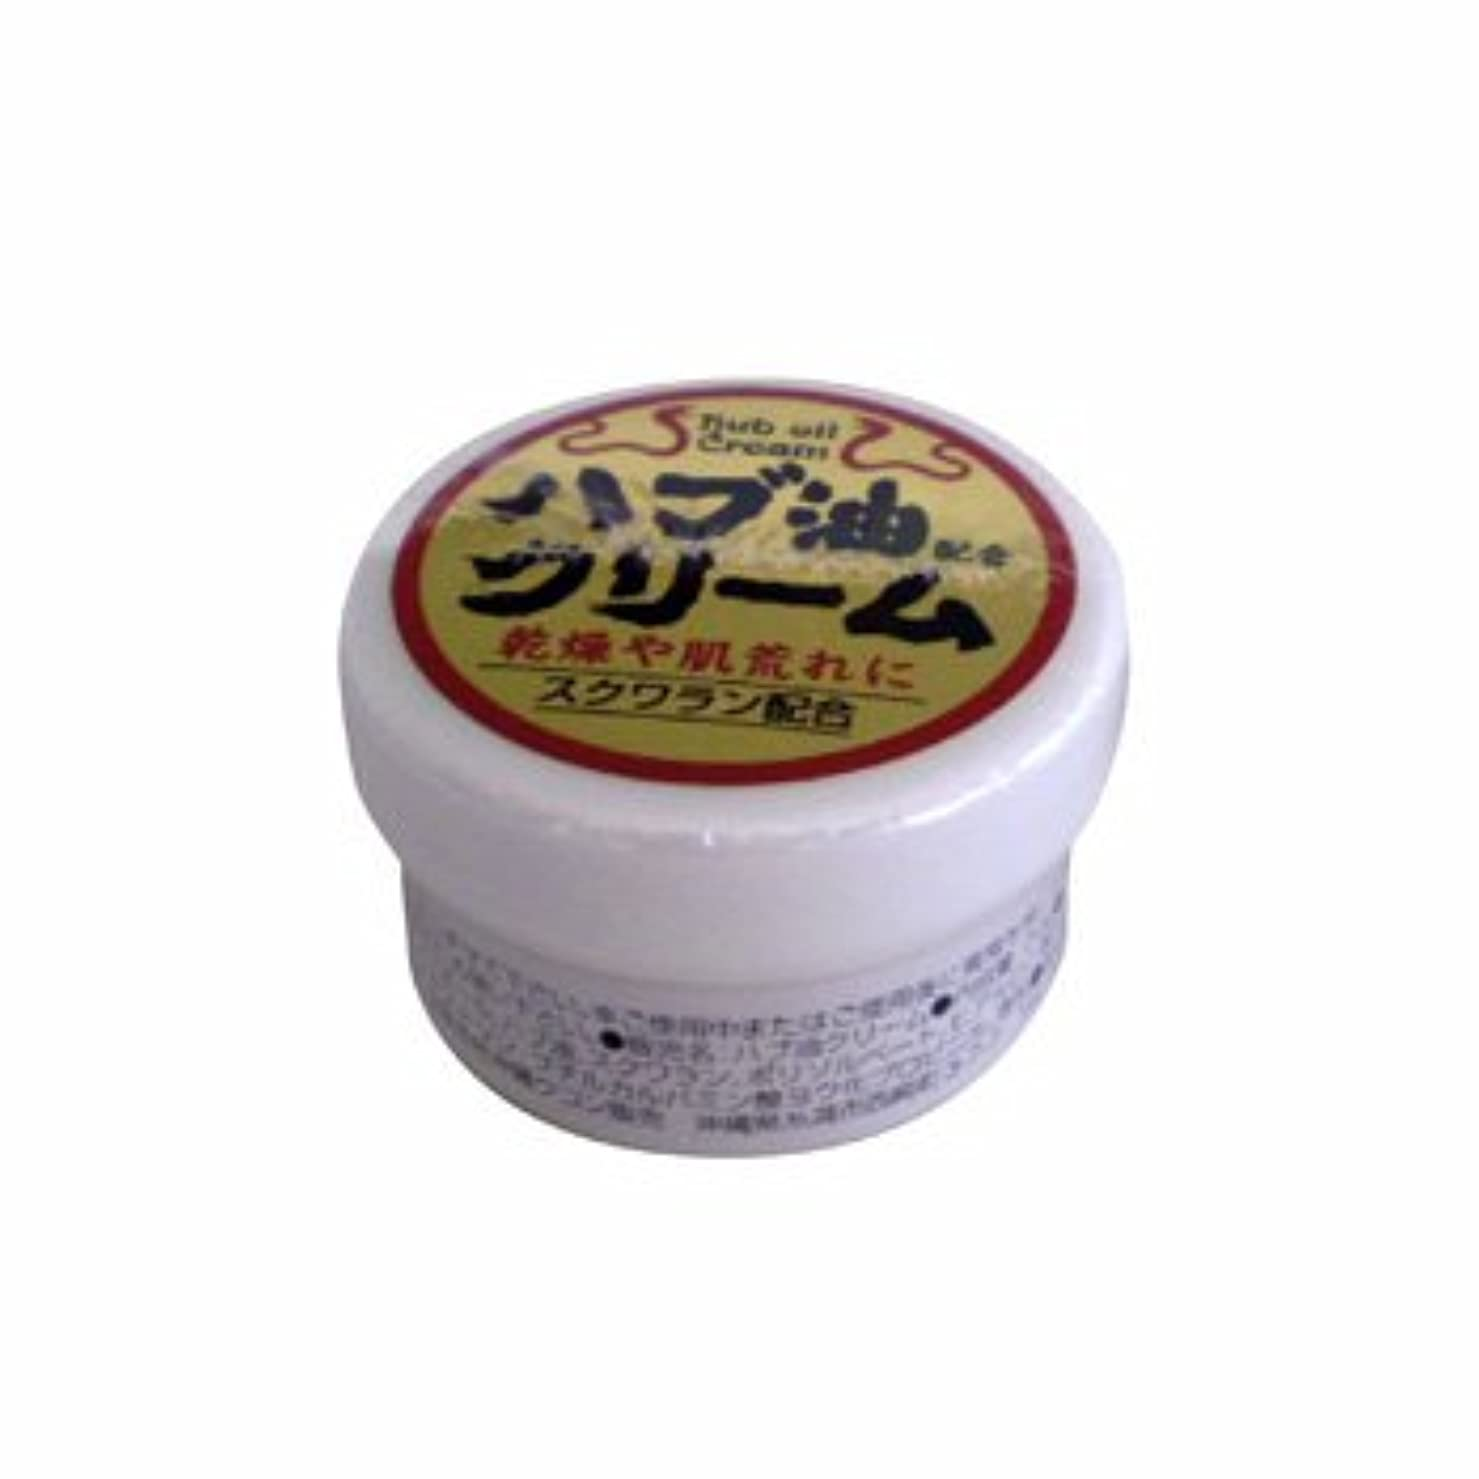 鳴らすロケーション印象ハブ油配合クリーム 5個【1個?20g】